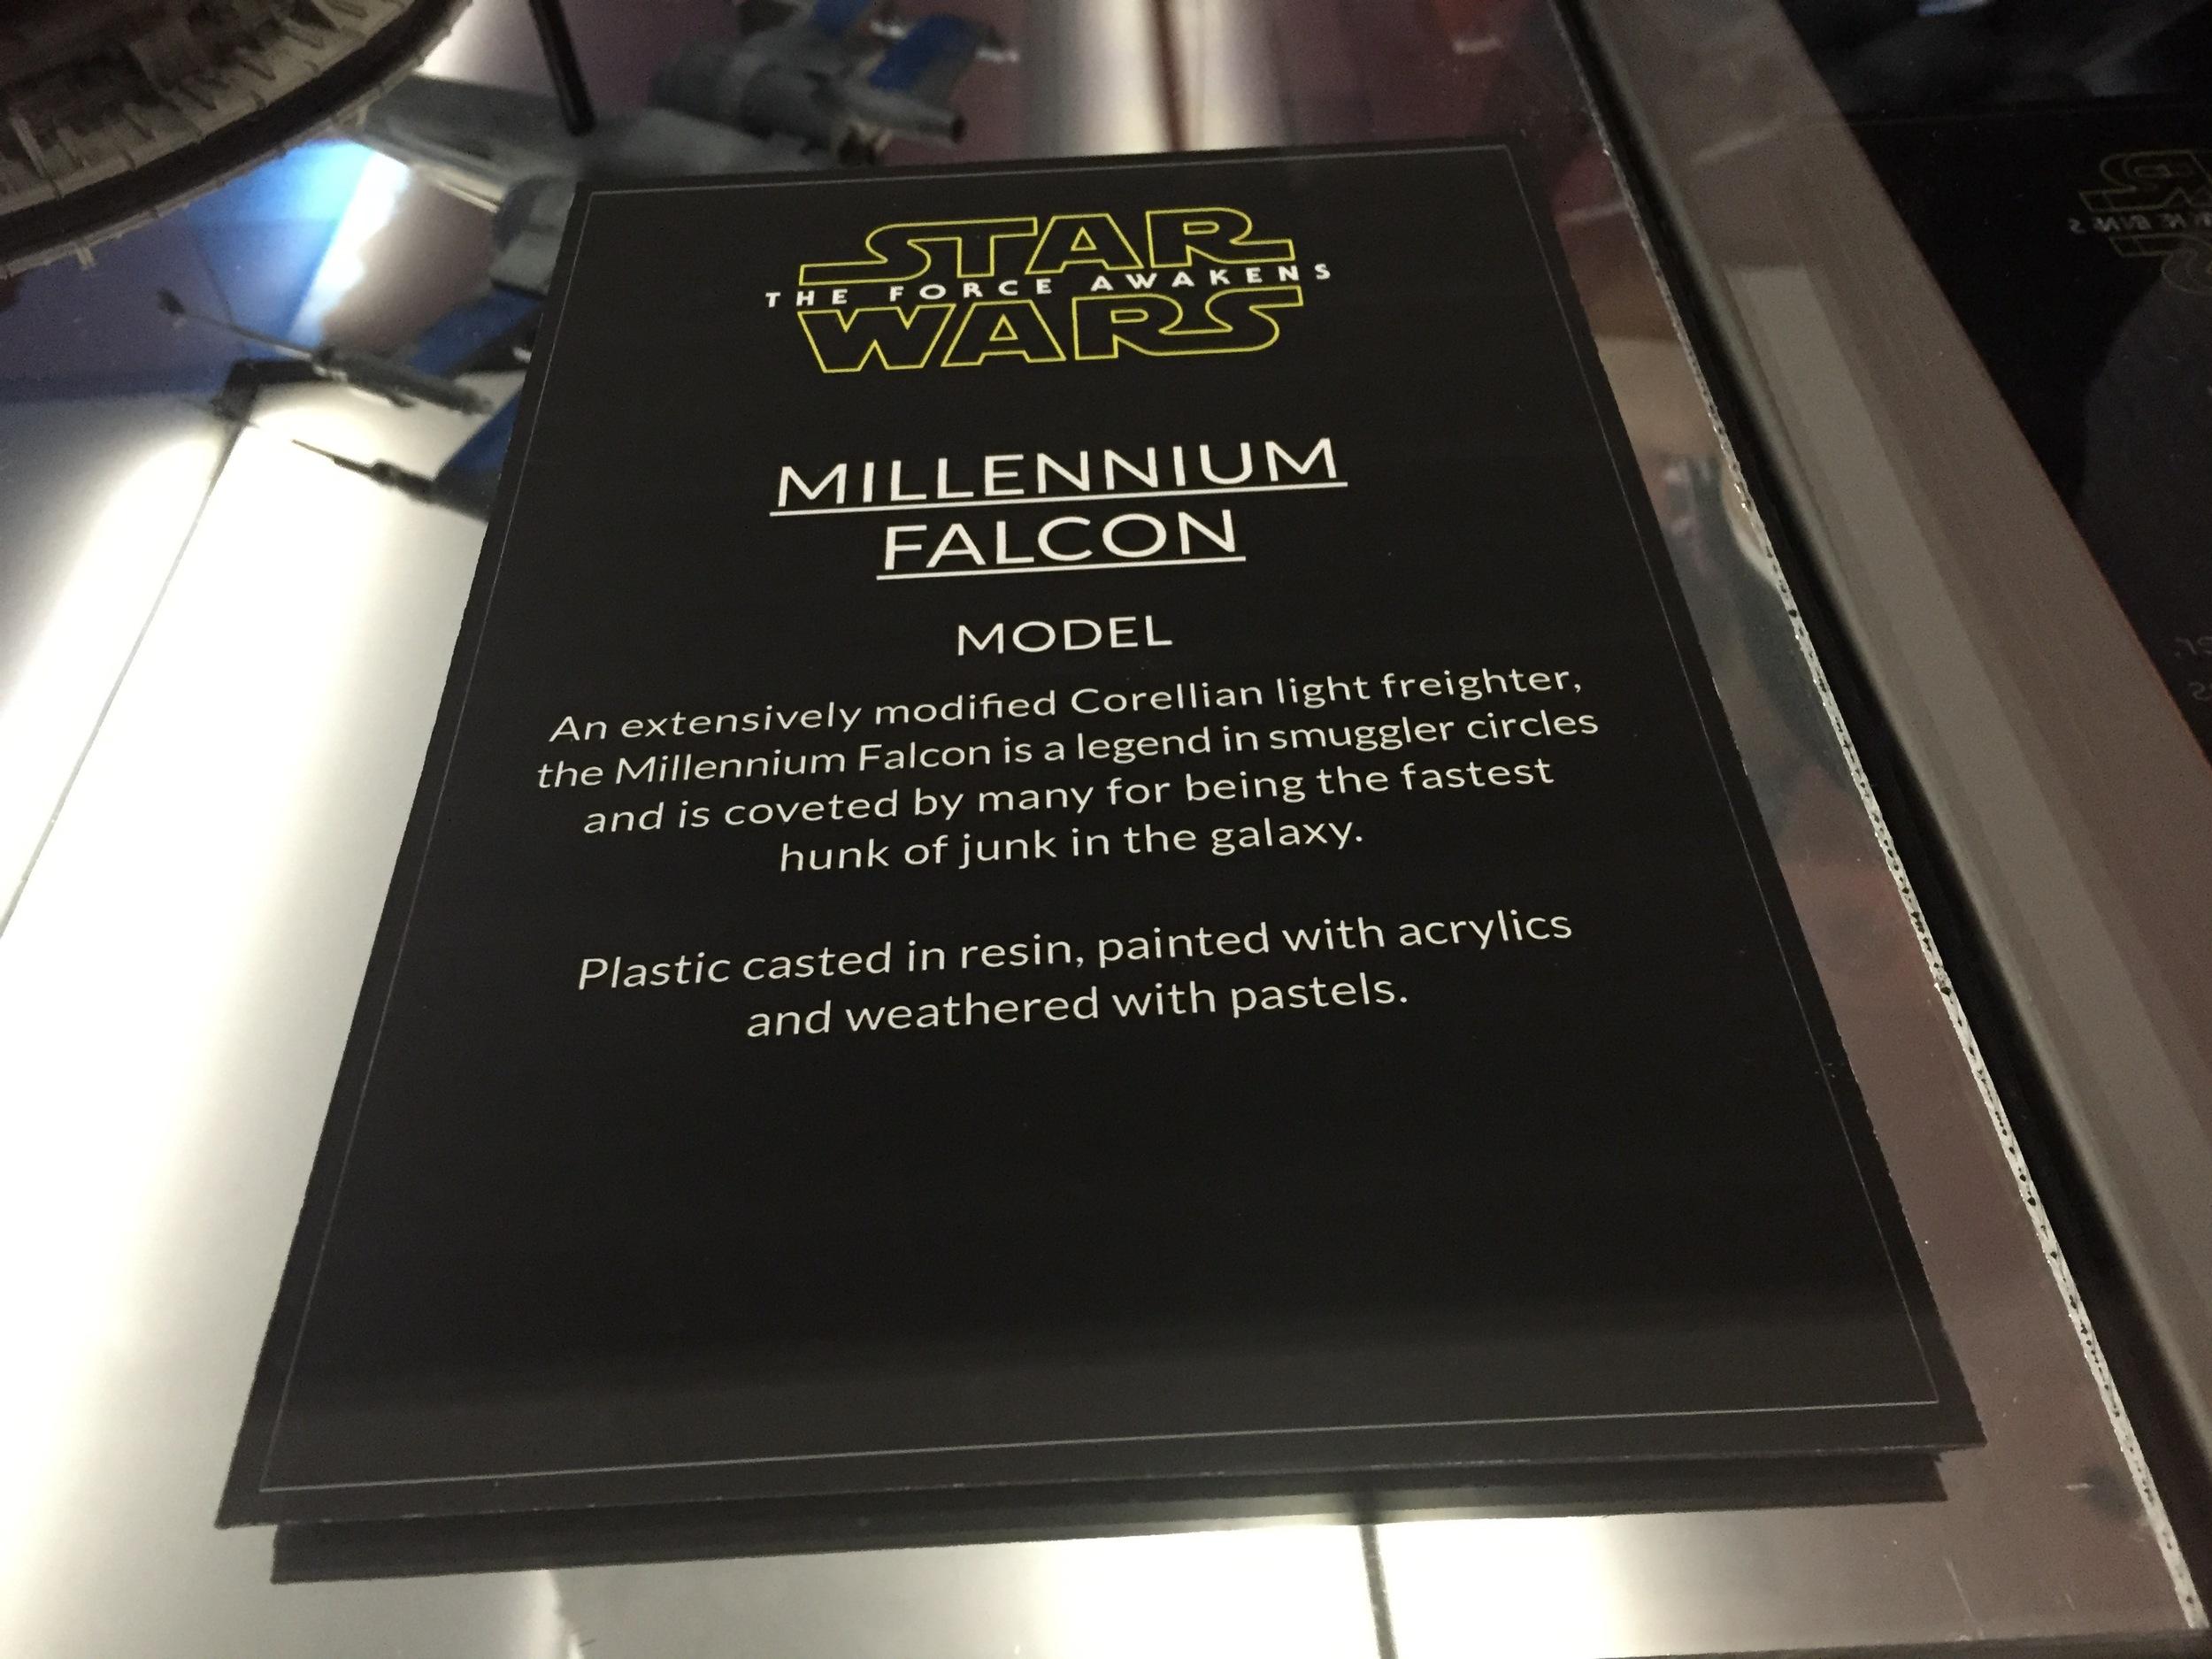 Millenium Falcon Description